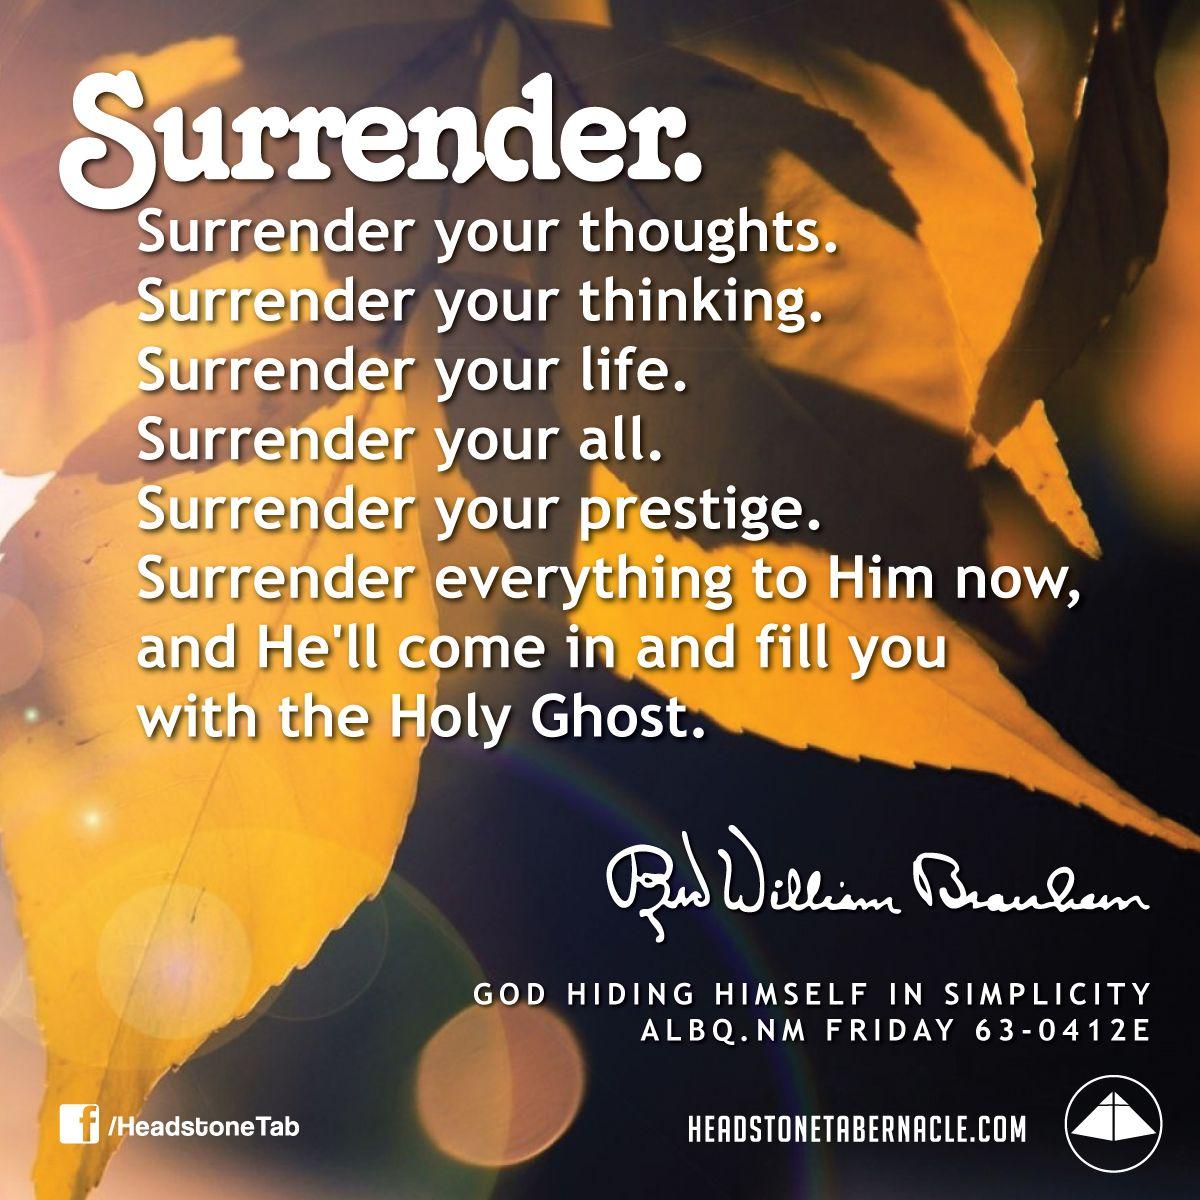 Surrender. Surrender your thoughts. Surrender your